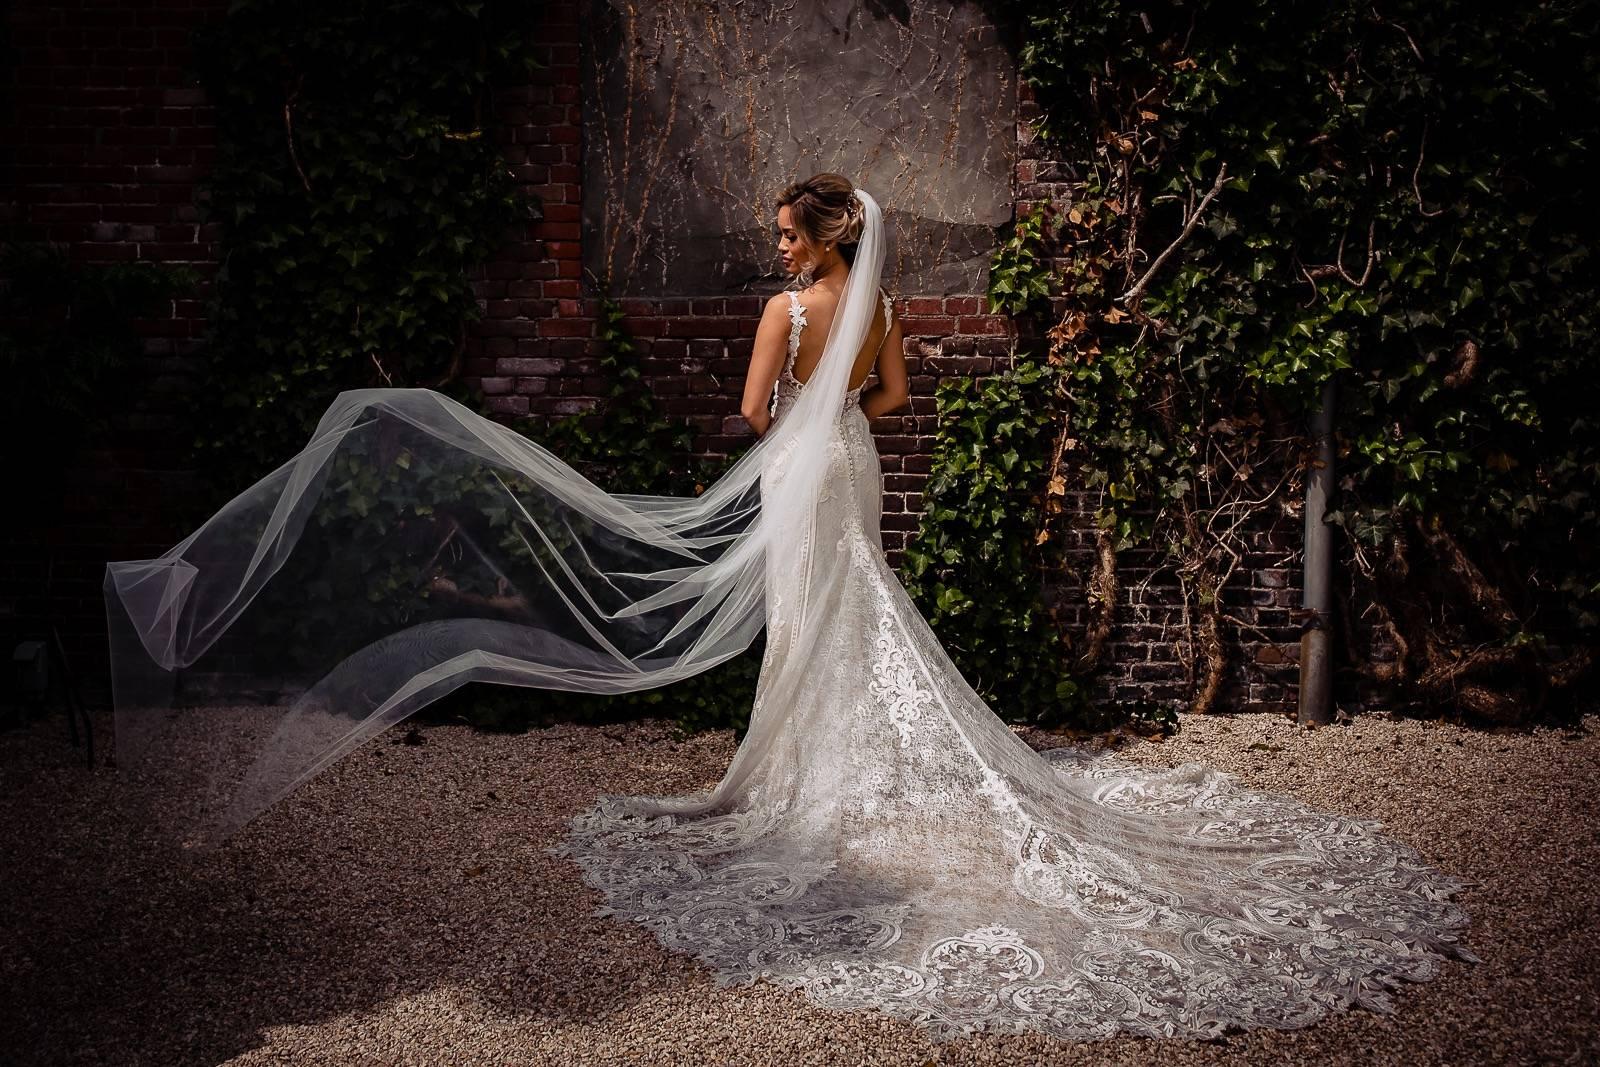 Eppel Fotografie - Trouwfotograaf - Huwelijksfotograaf - House of Weddings - 20